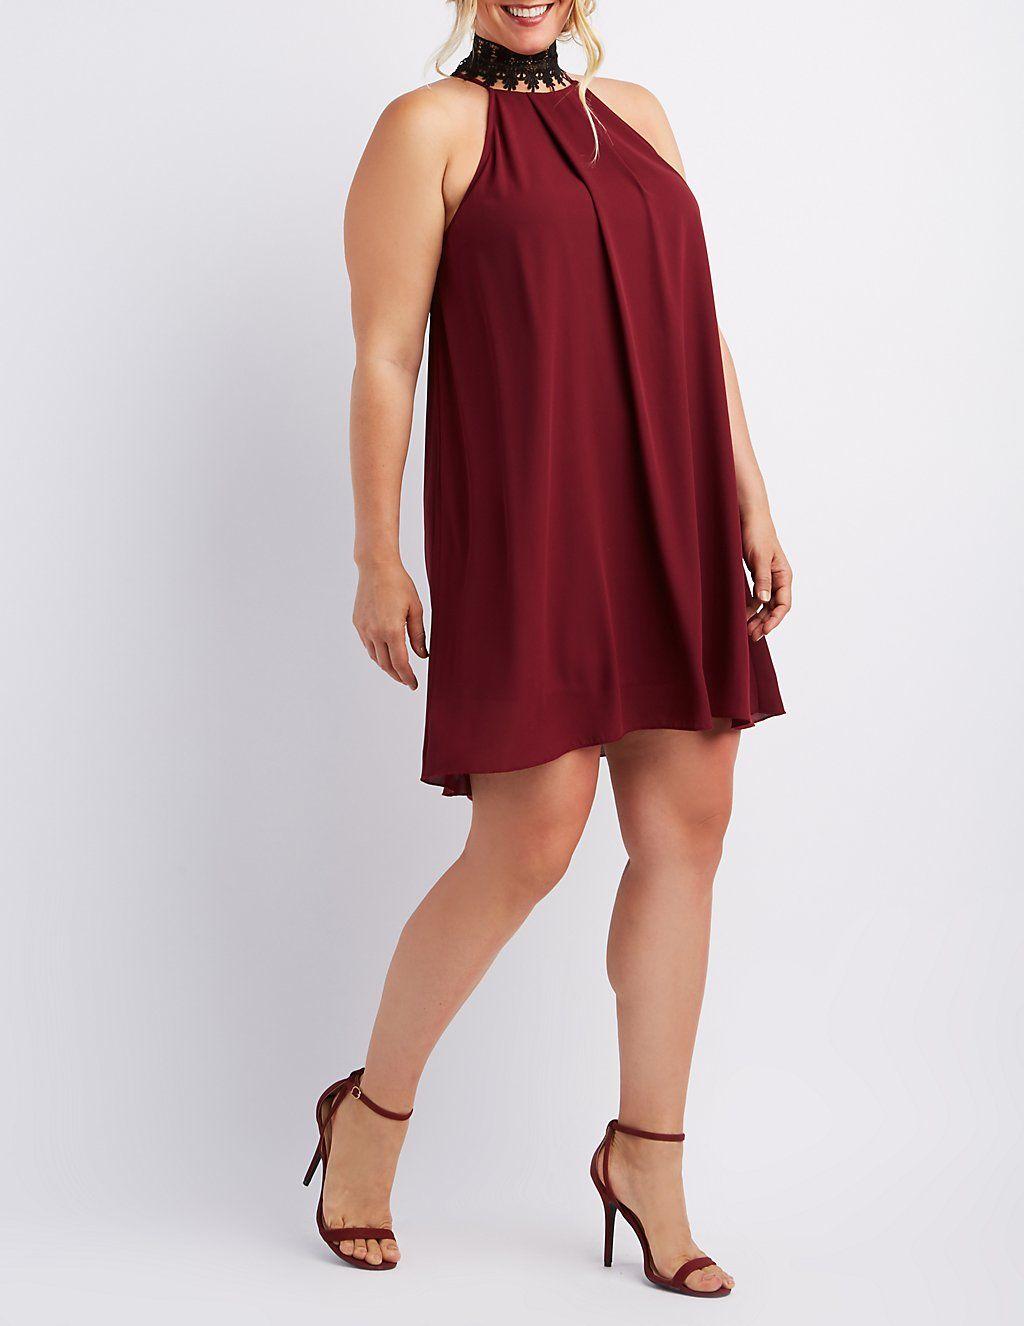 Plus Size Bib Neck Shift Dress #charlotterusseplus | Charlotte Russe ...